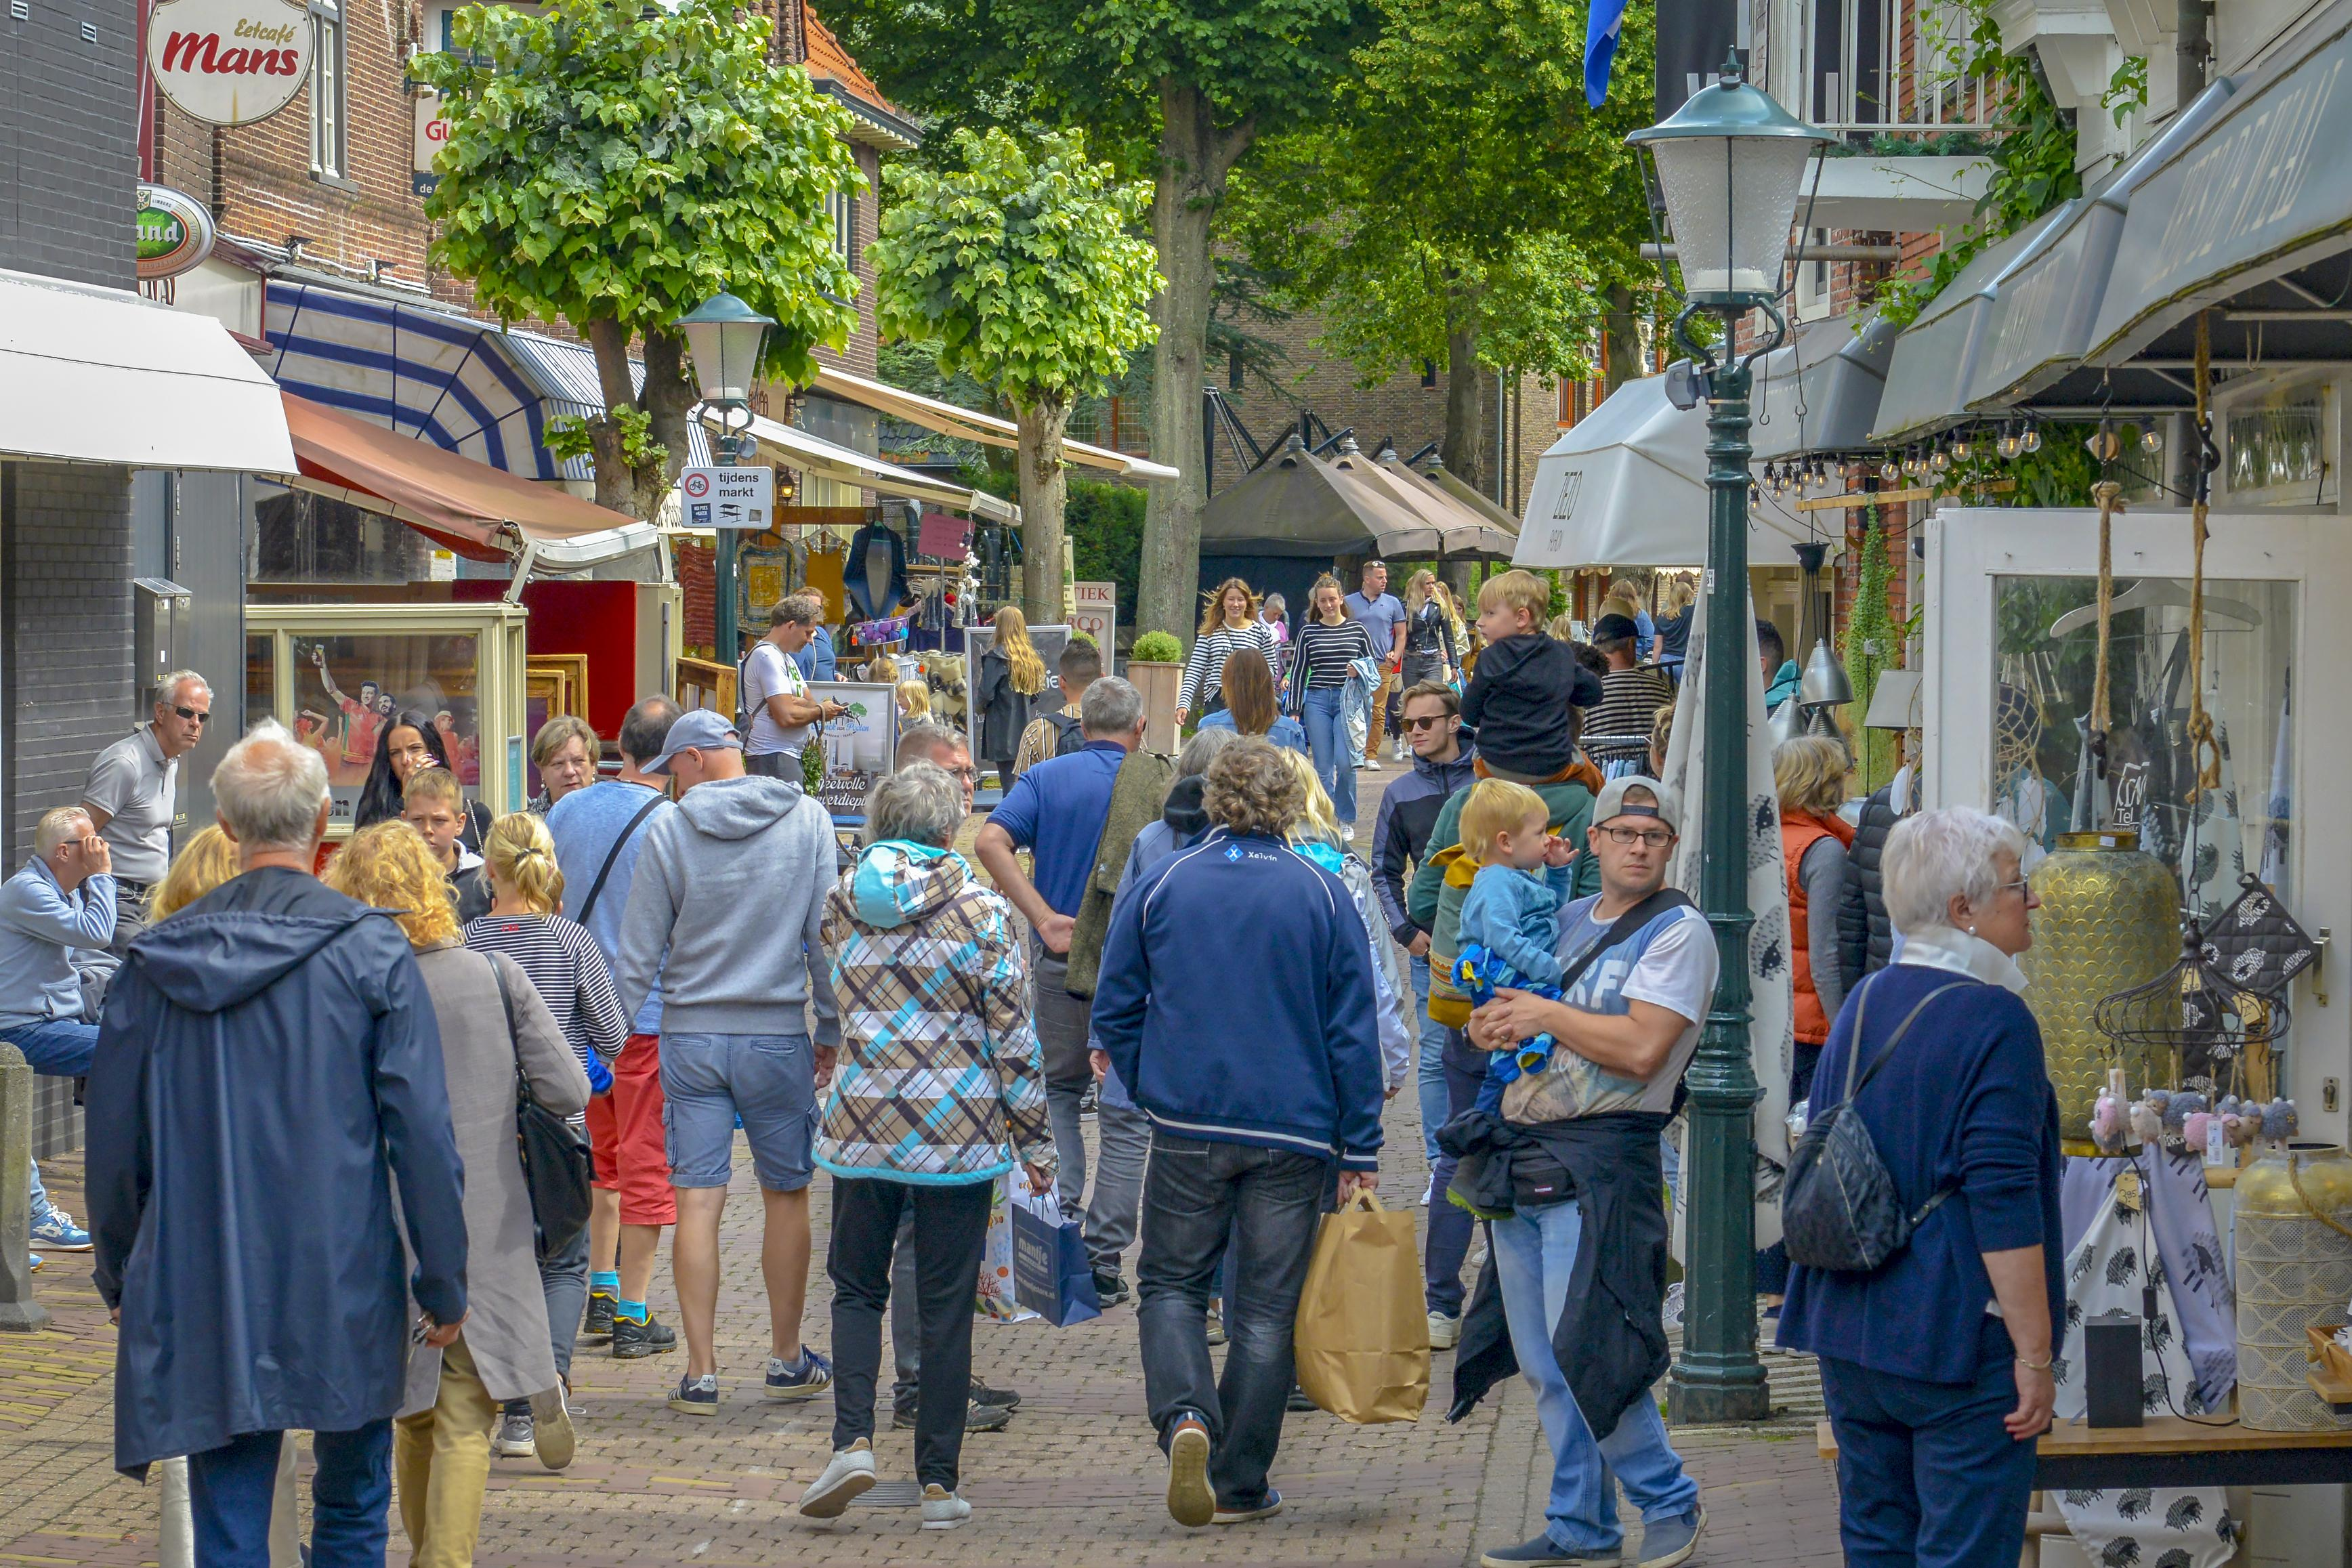 Publiek op Texel wordt slordiger met anderhalve meter afstand. Topdrukte op het eiland: jonger publiek en meer caravans